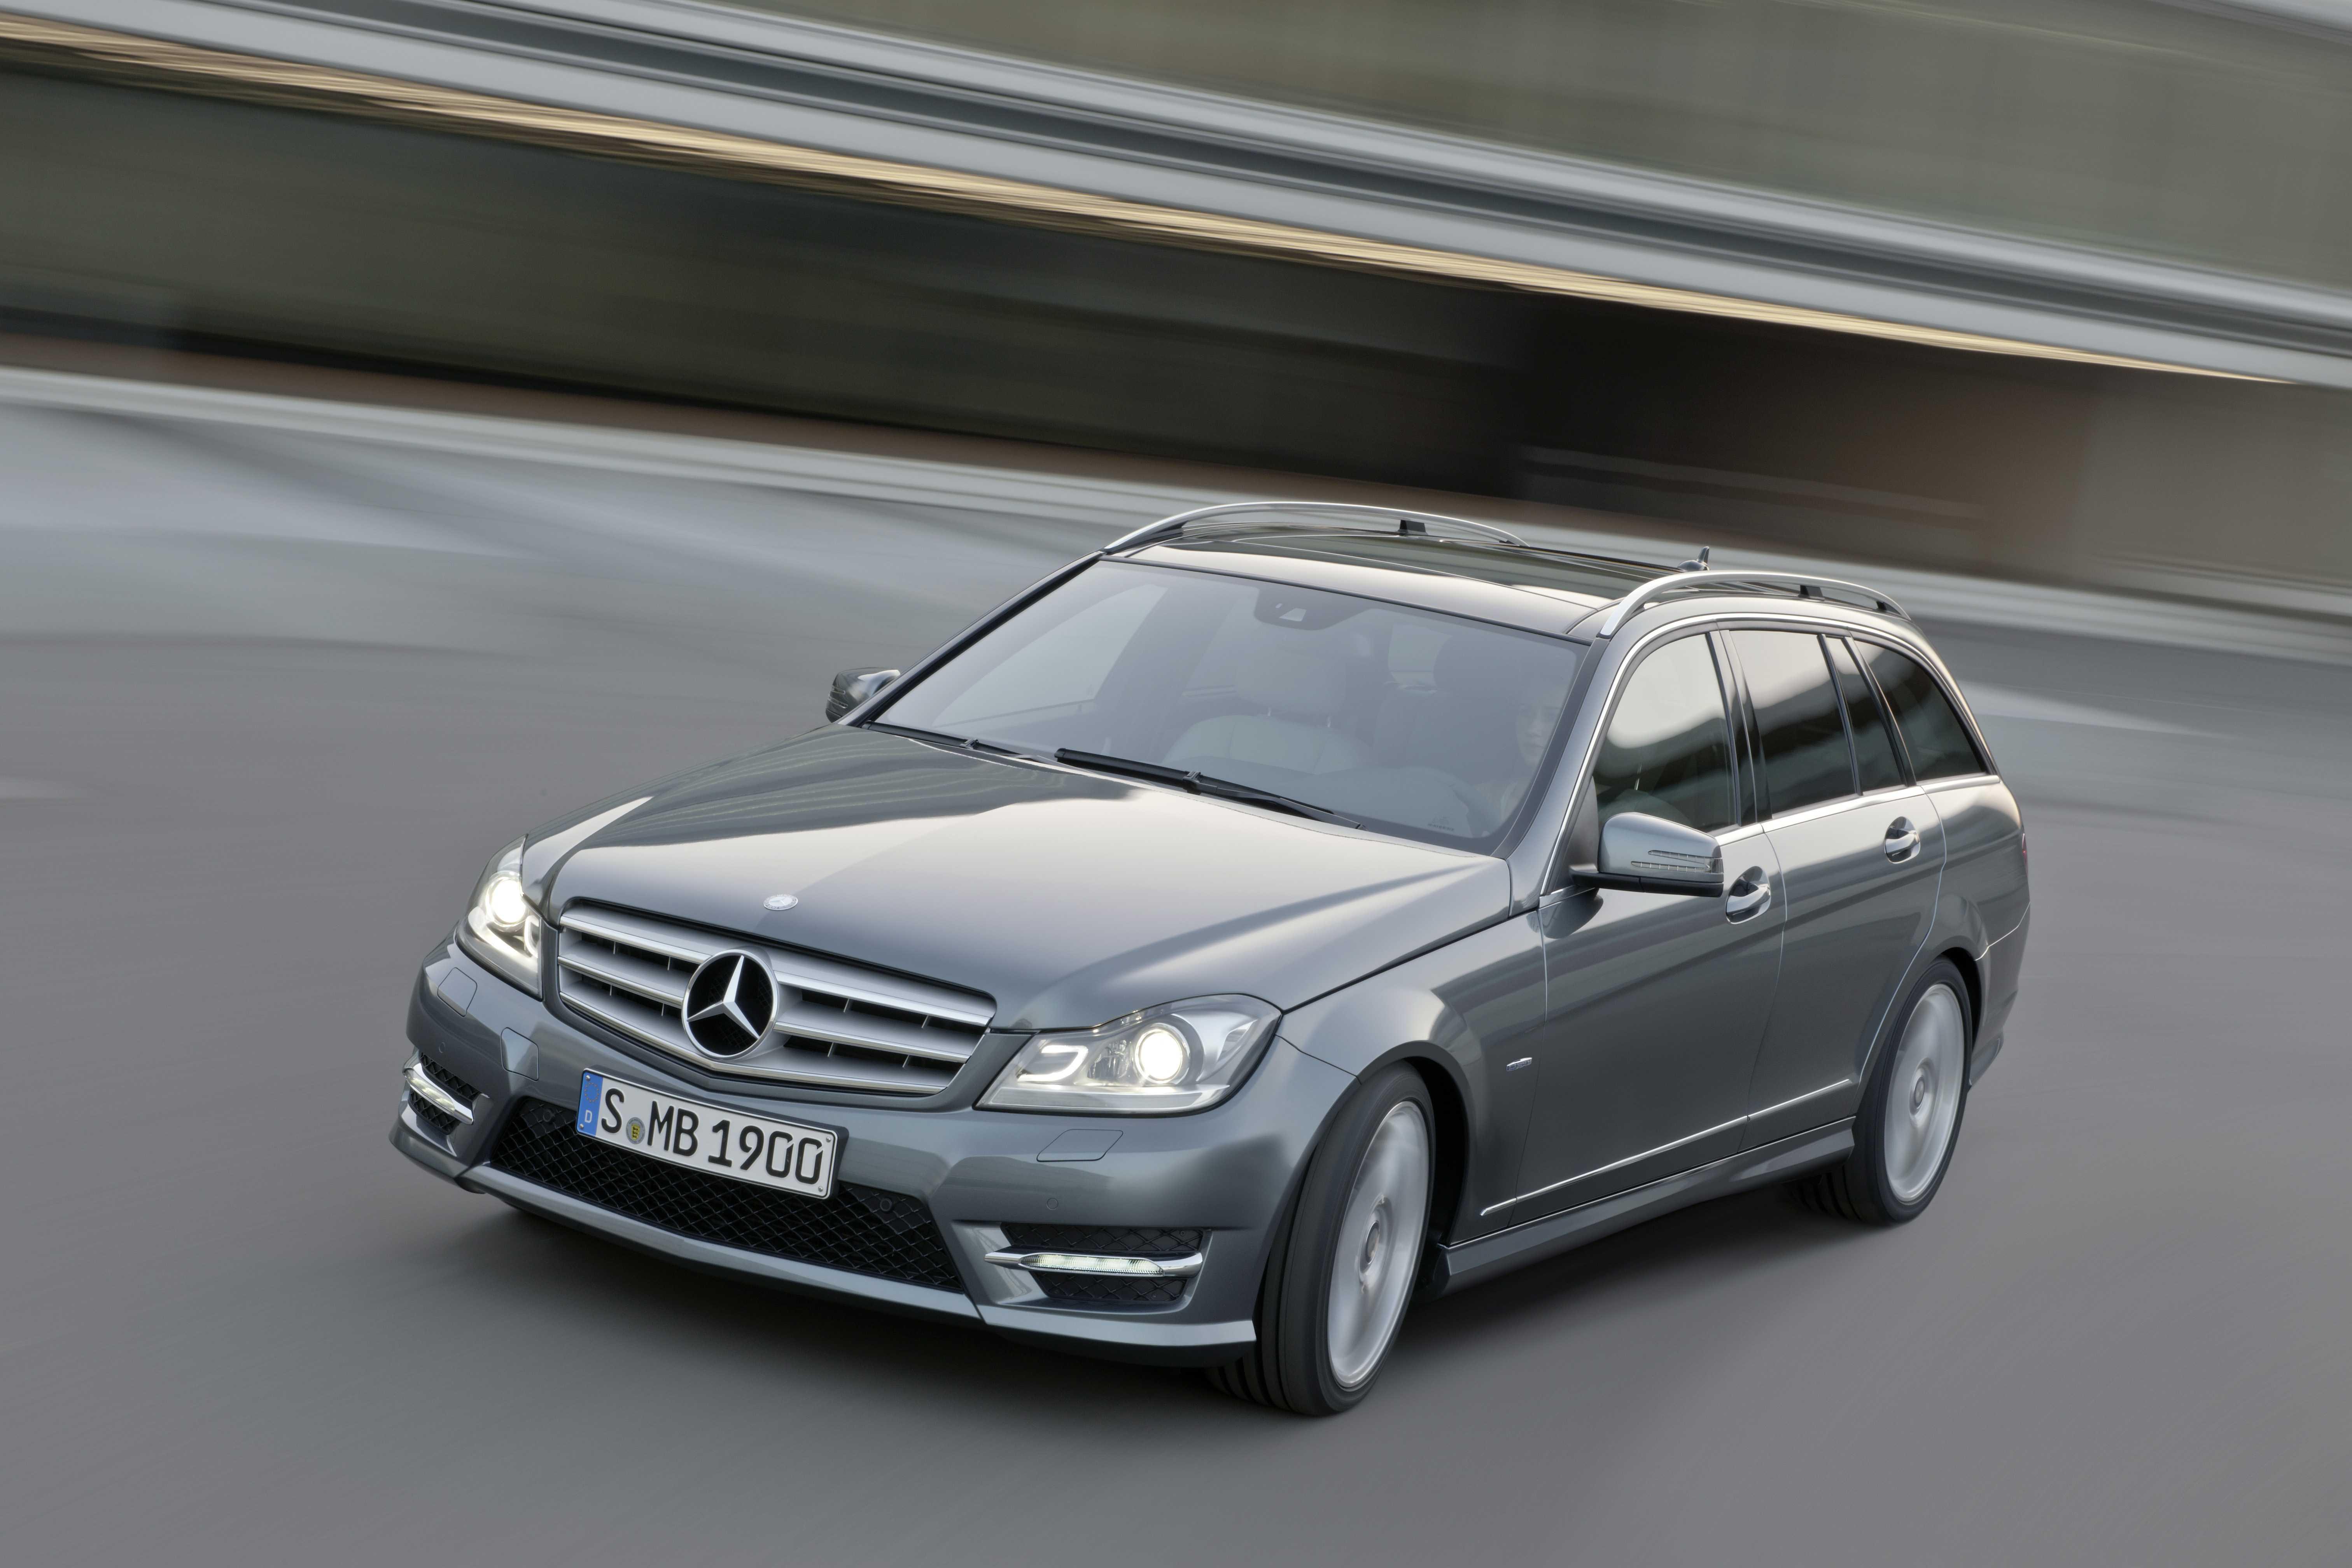 Mercedes Benz C Class W204 Facelift